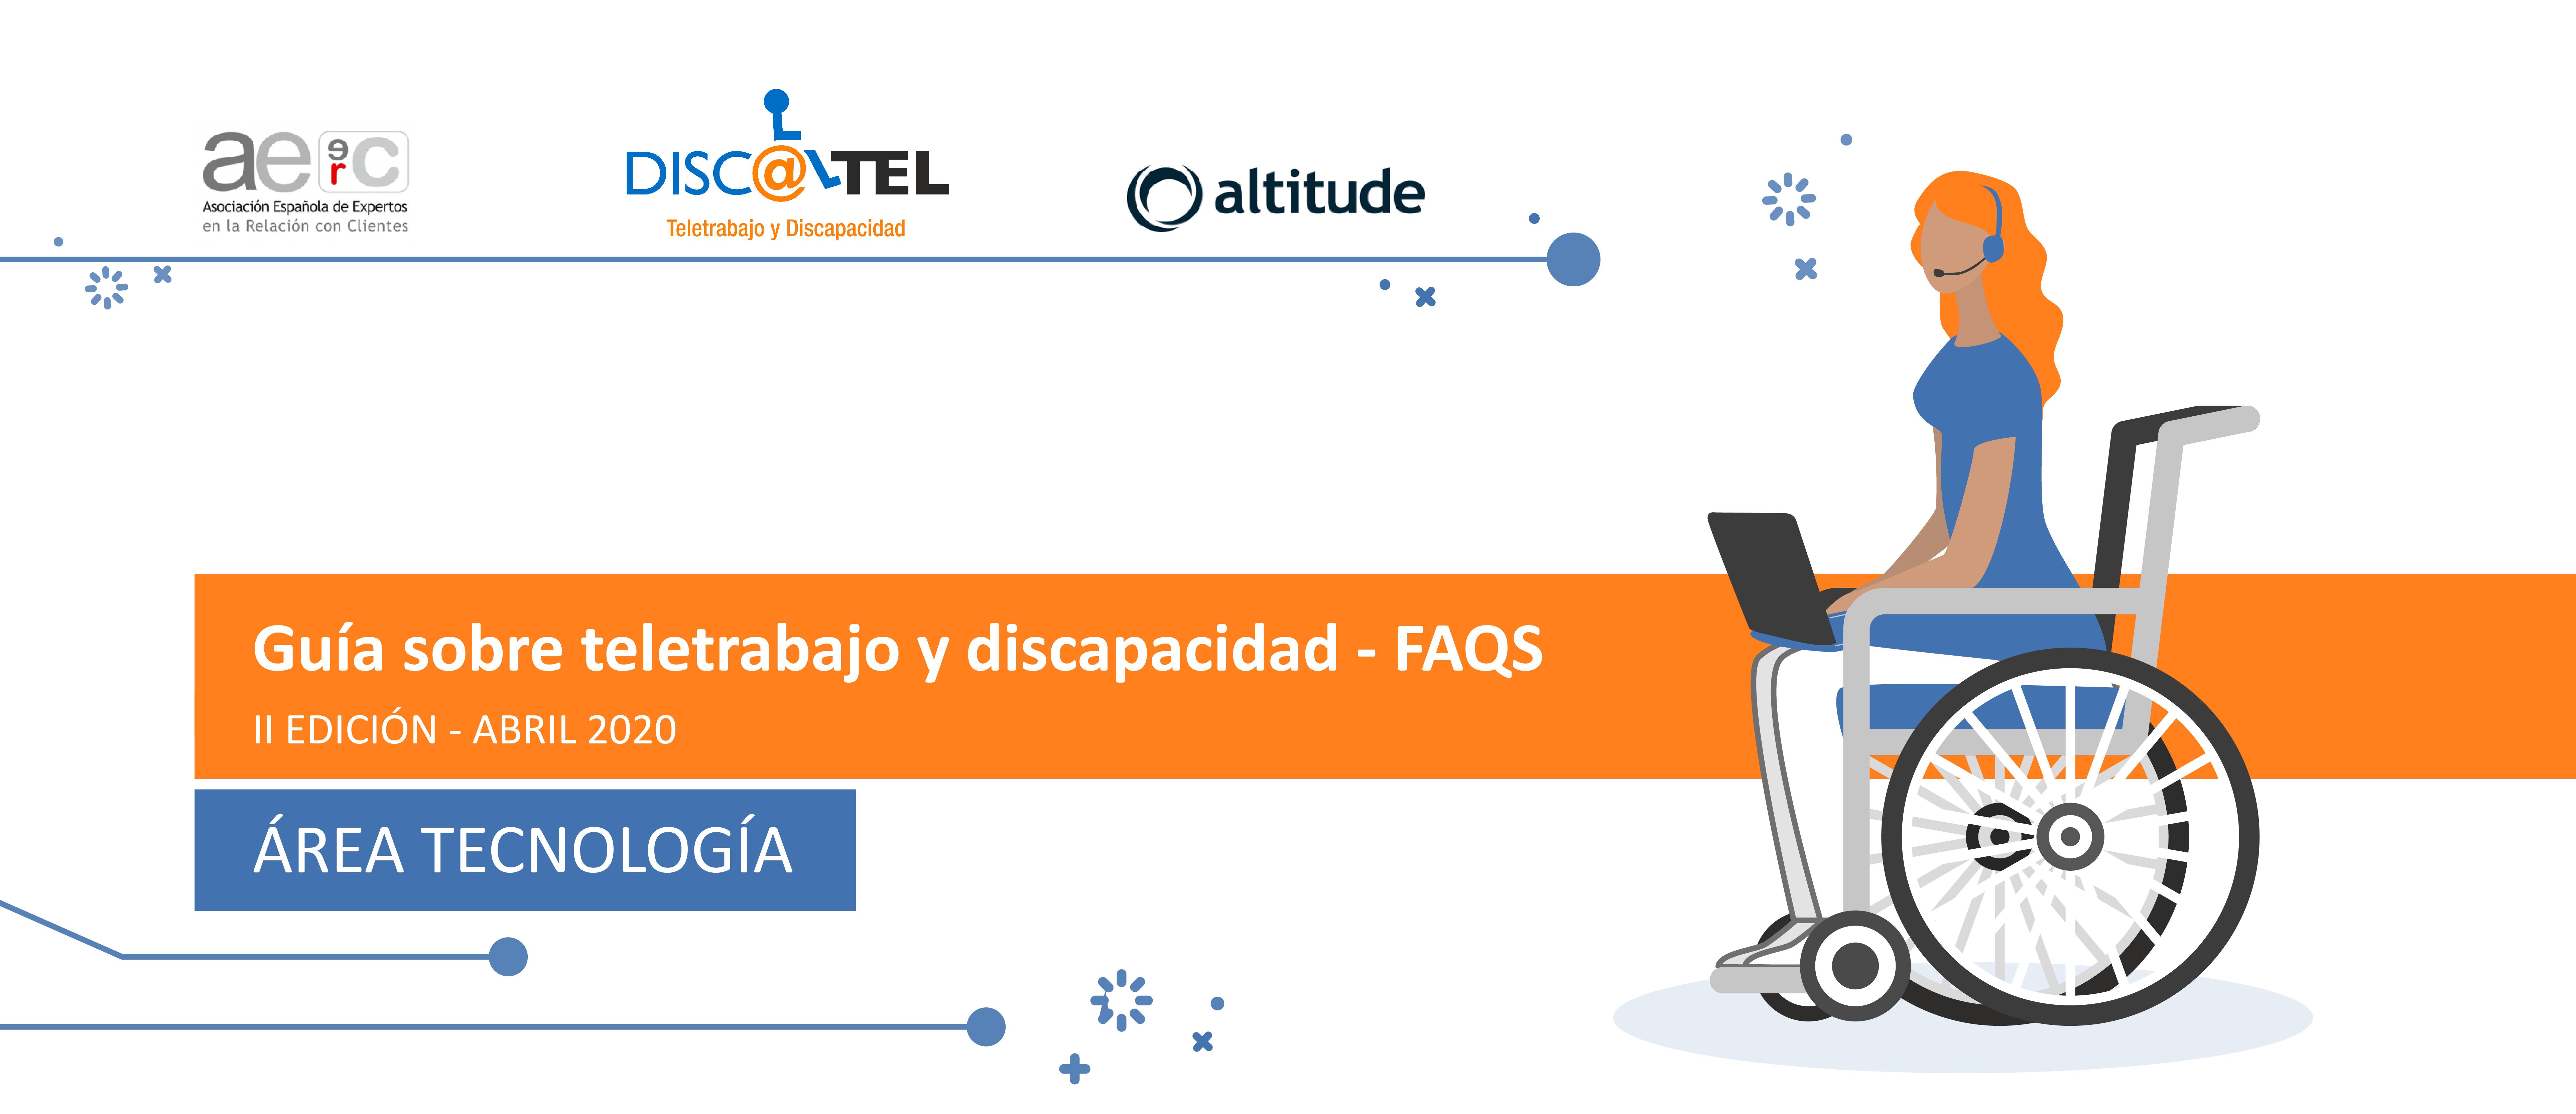 Guia_Teletrabajo_Discapacidad_Tecnologia